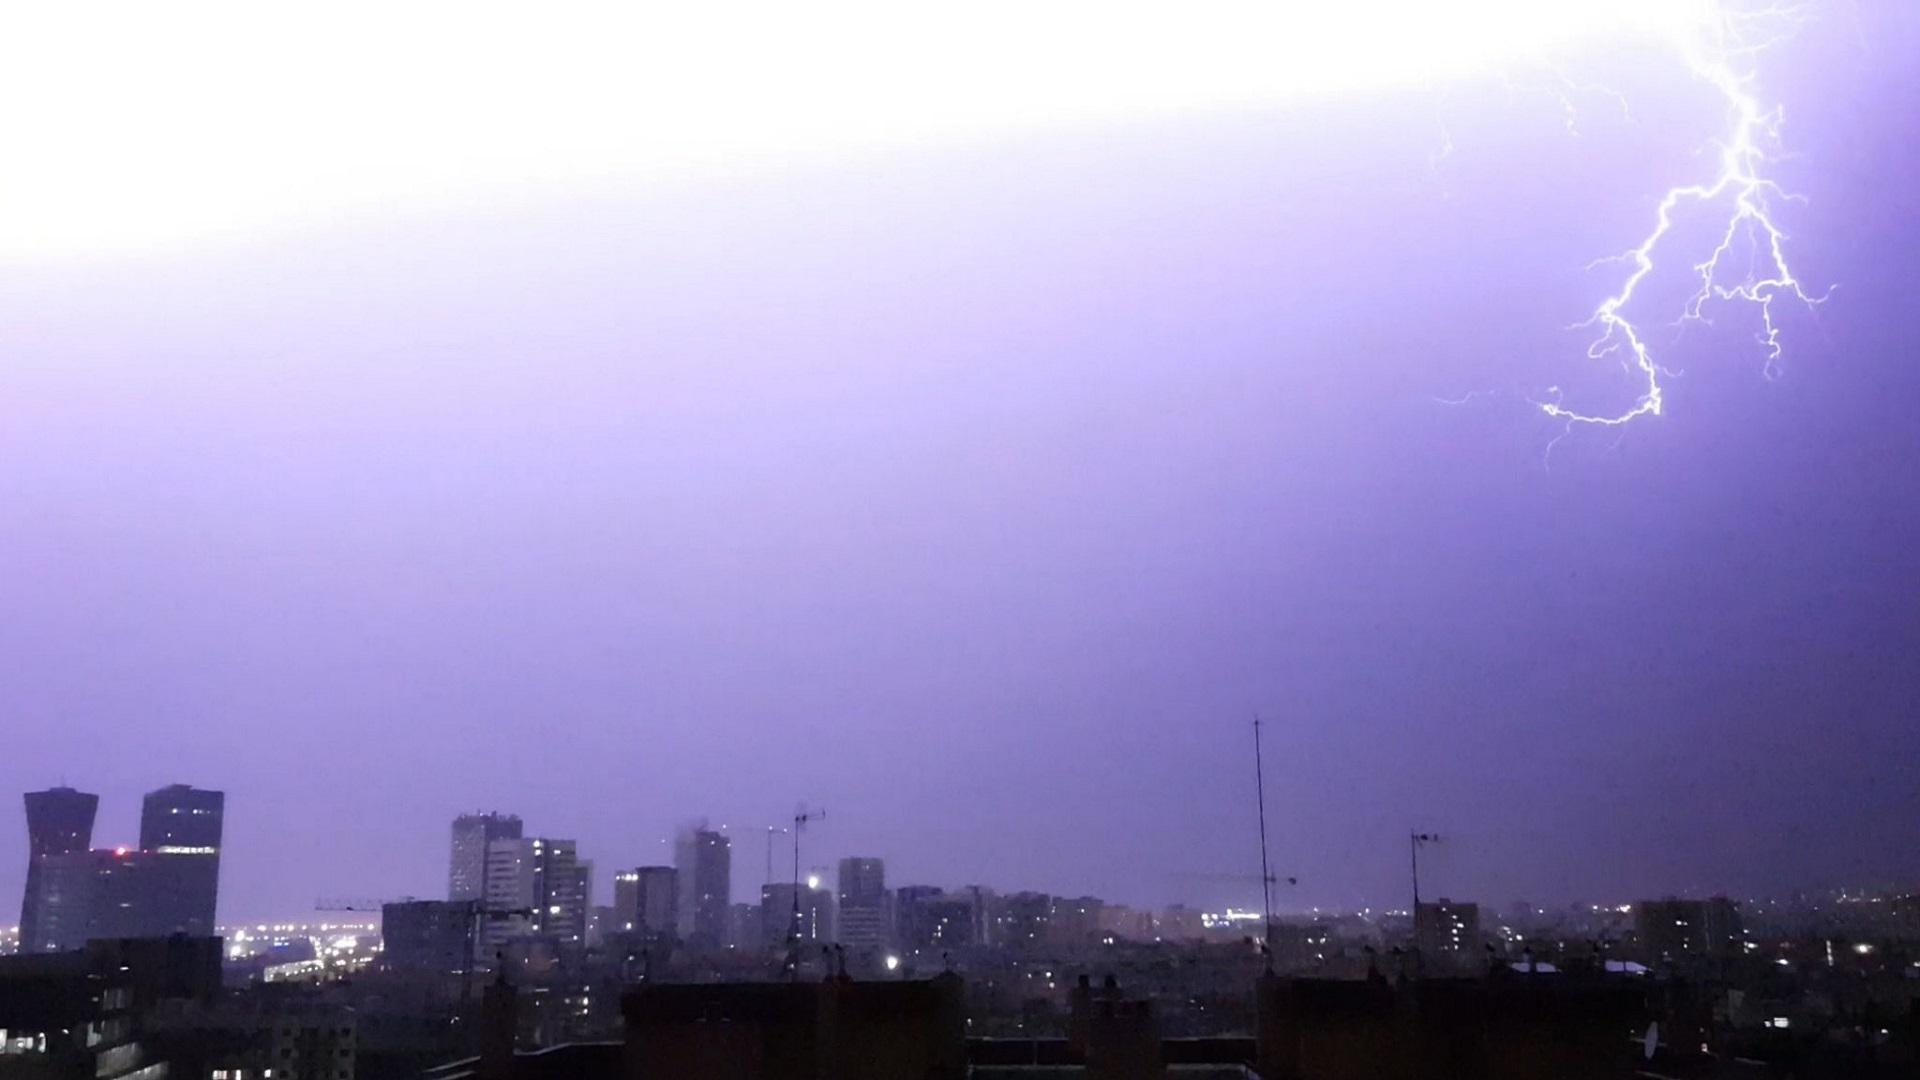 tempestes deñ 31 de juliol de 2021 a Barcelona